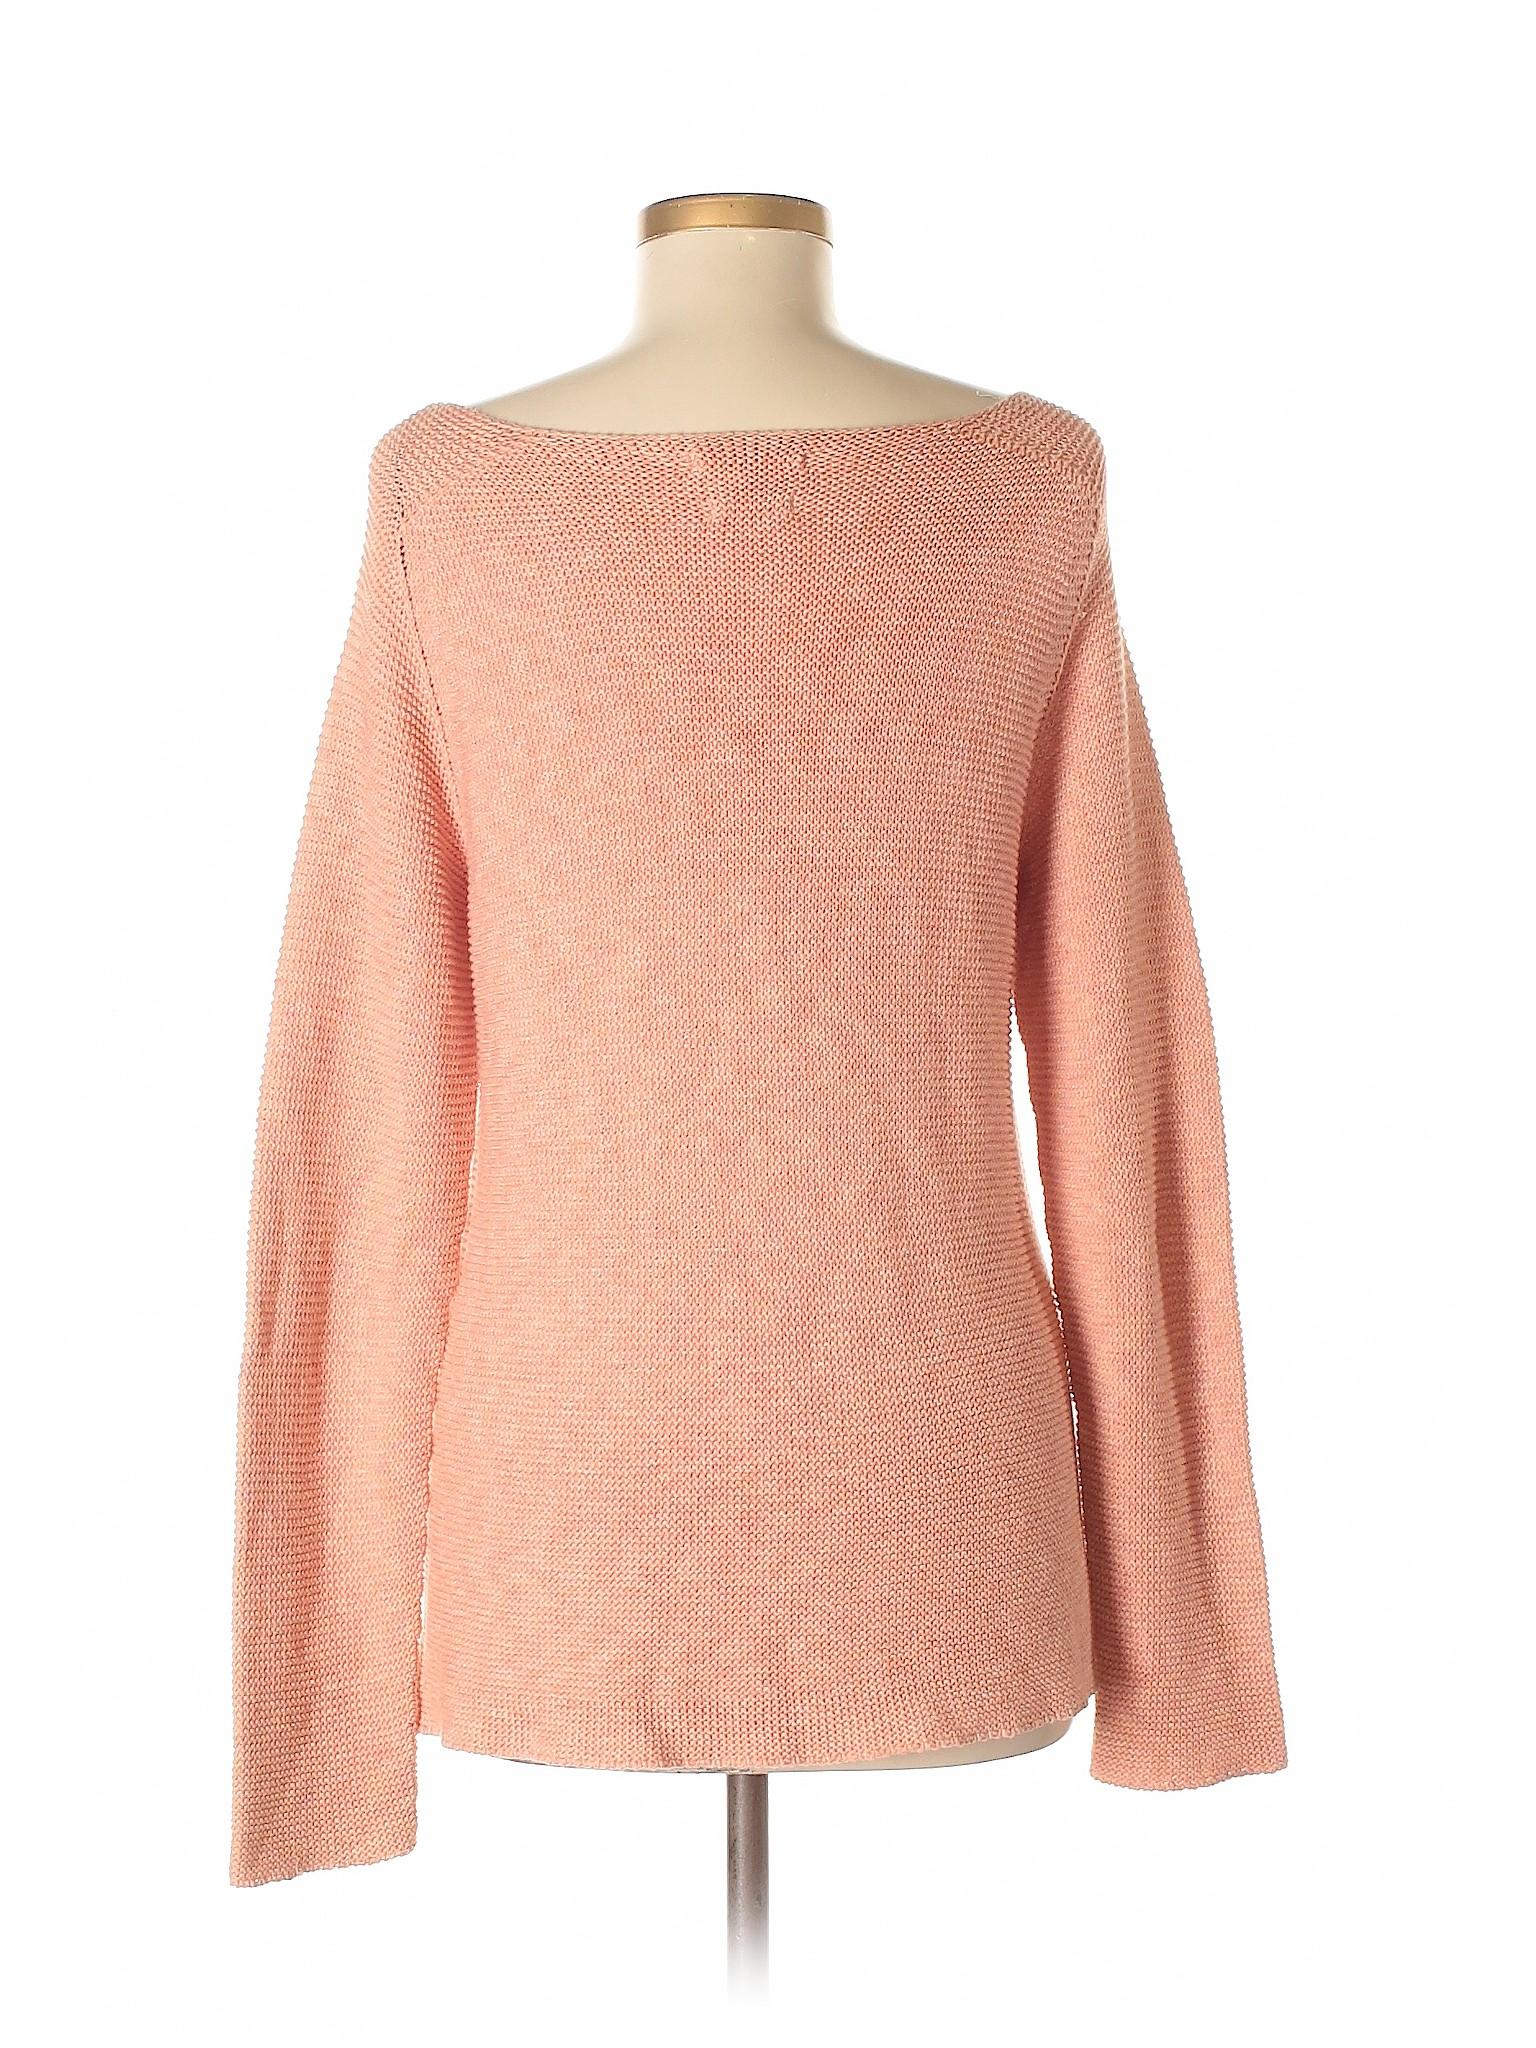 Boutique Pullover Dutti Massimo Massimo Sweater Boutique qwqxHSgU